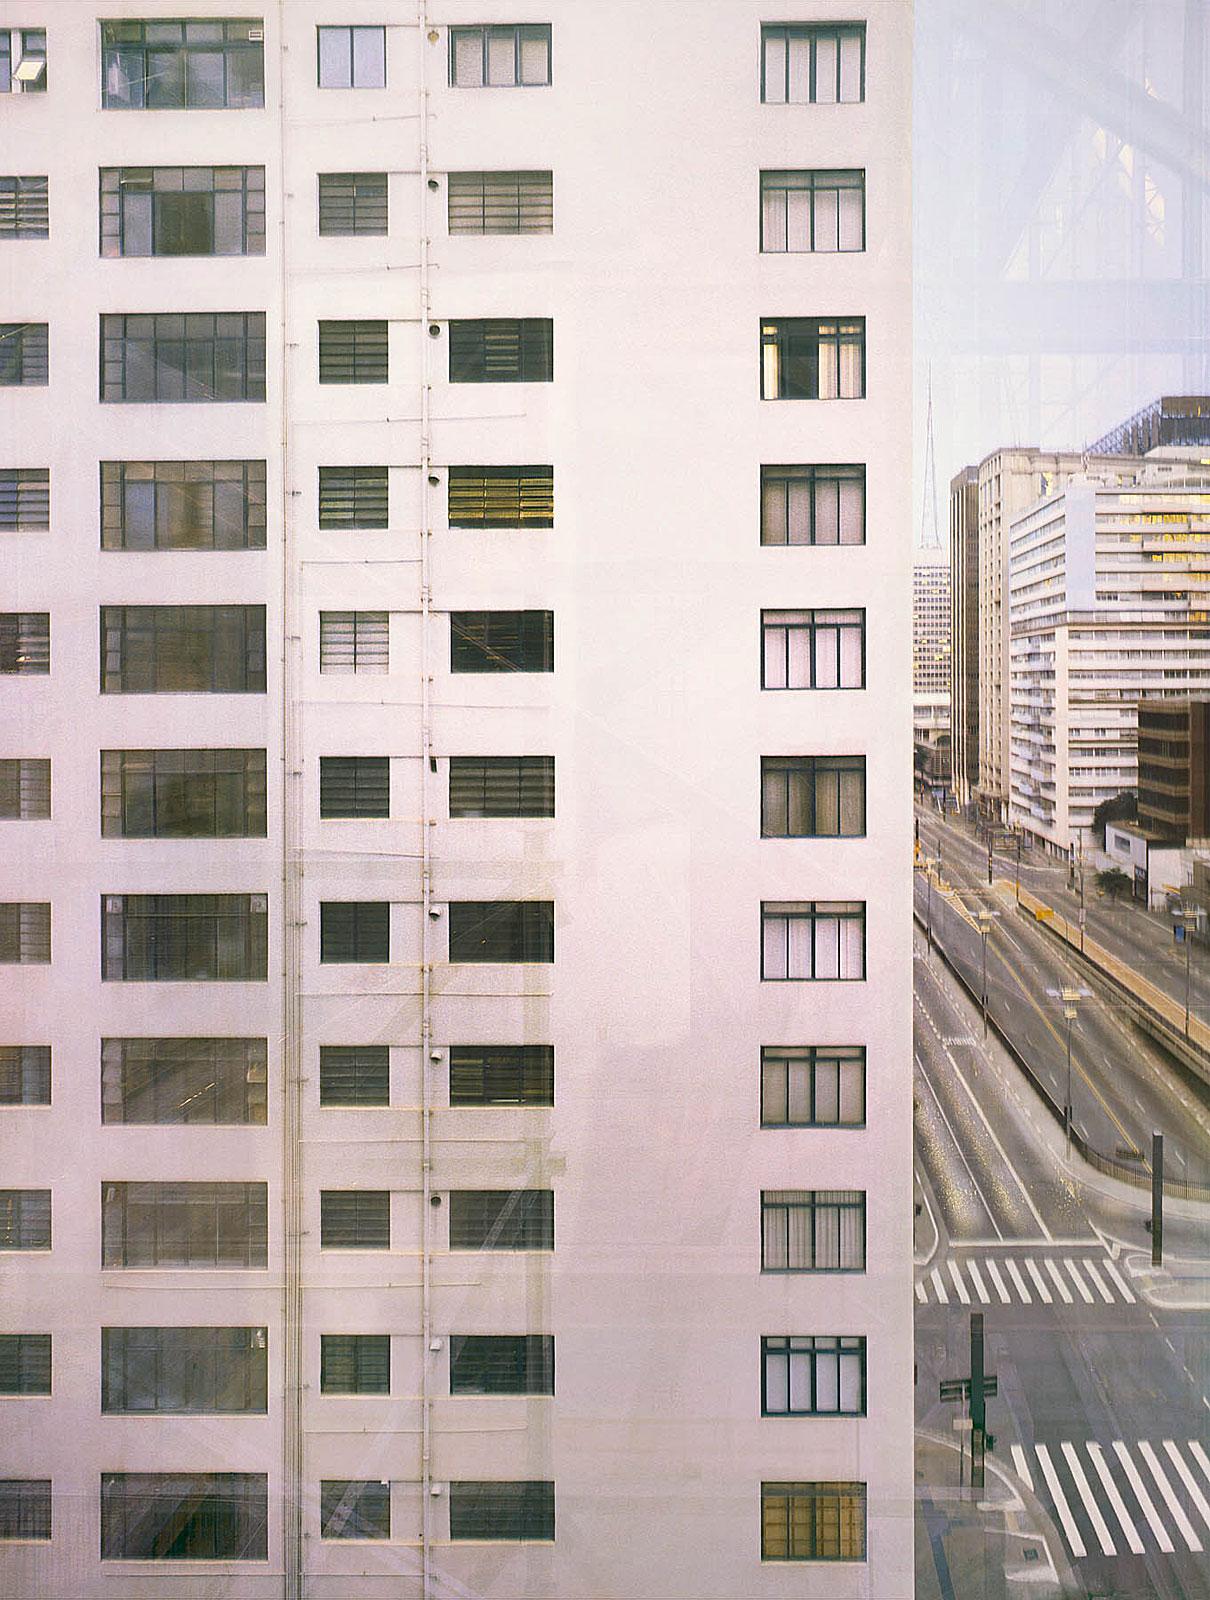 IMS, São Paulo (11.12.2014 - 22.5.2017)